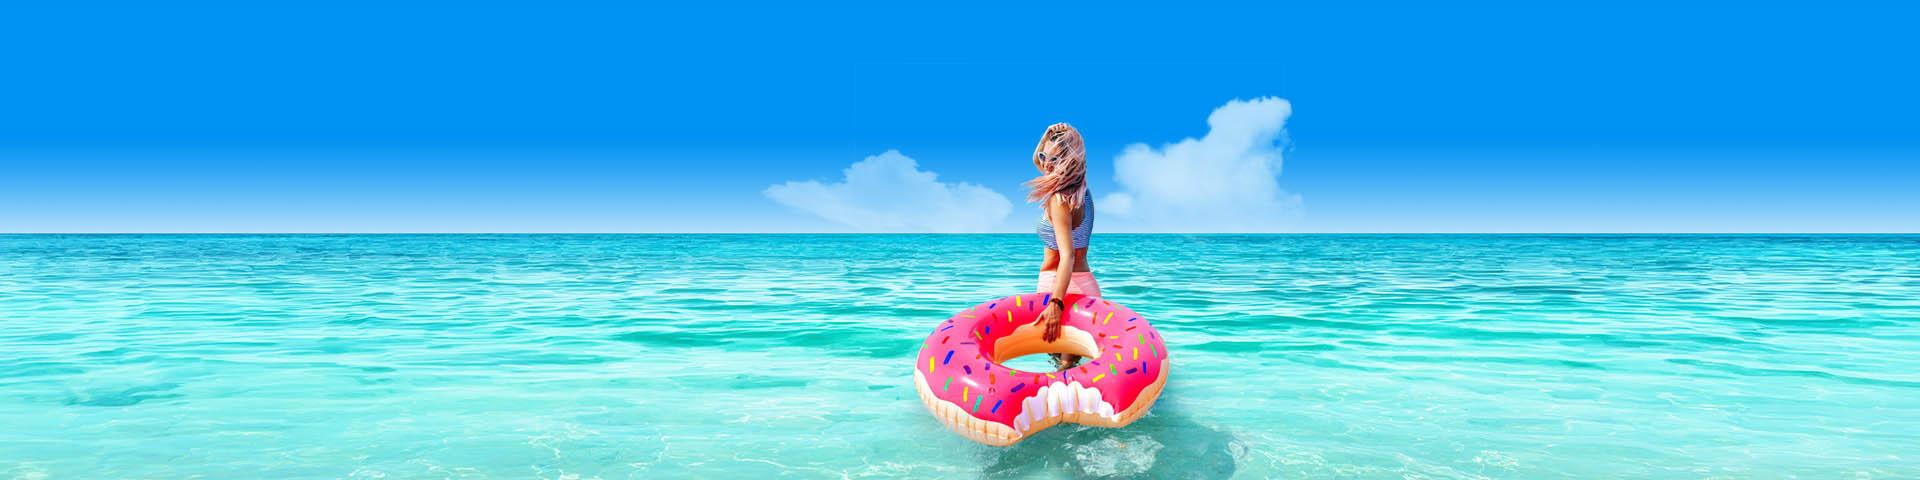 Jonge vrouw in de zee met roze opblaasdonut